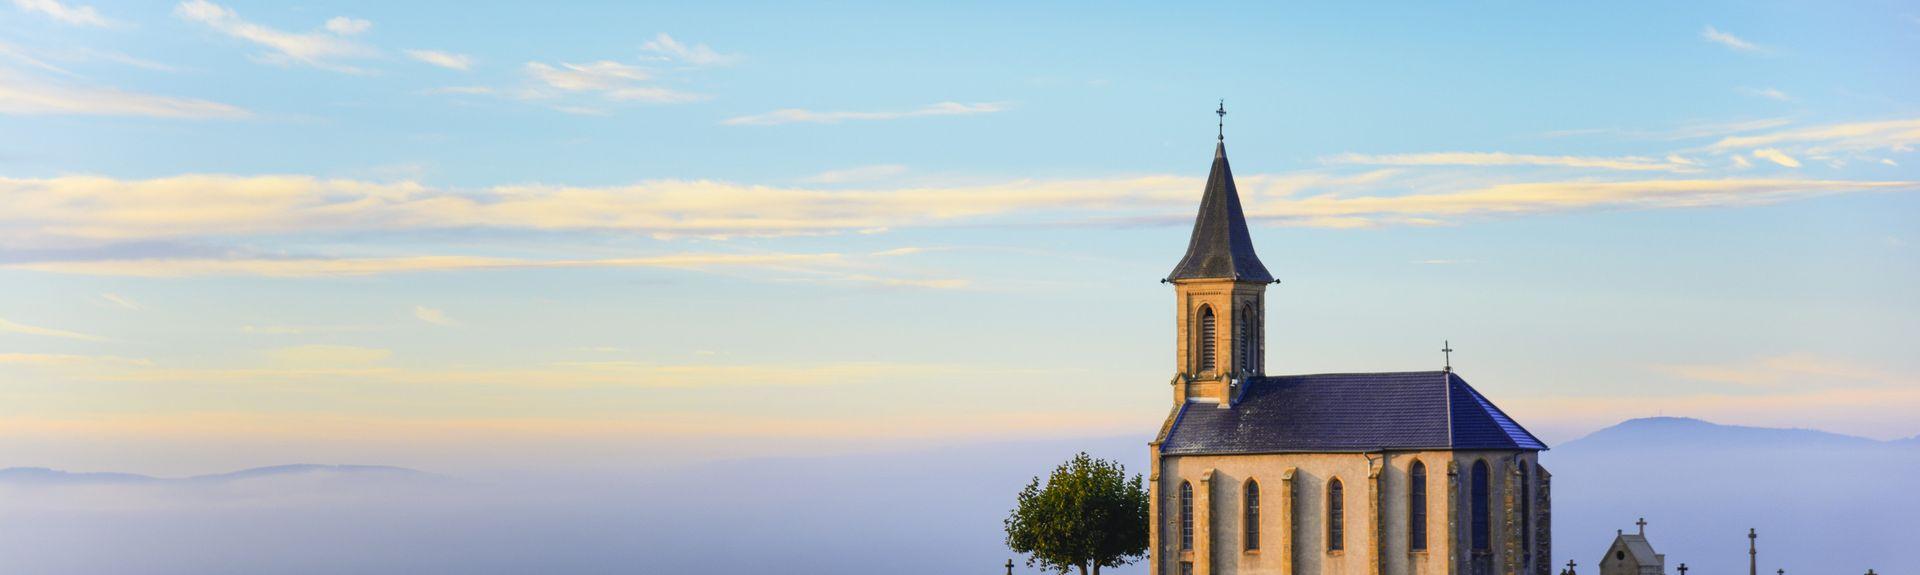 Bourgogne, Bourgogne-Franche-Comté, France